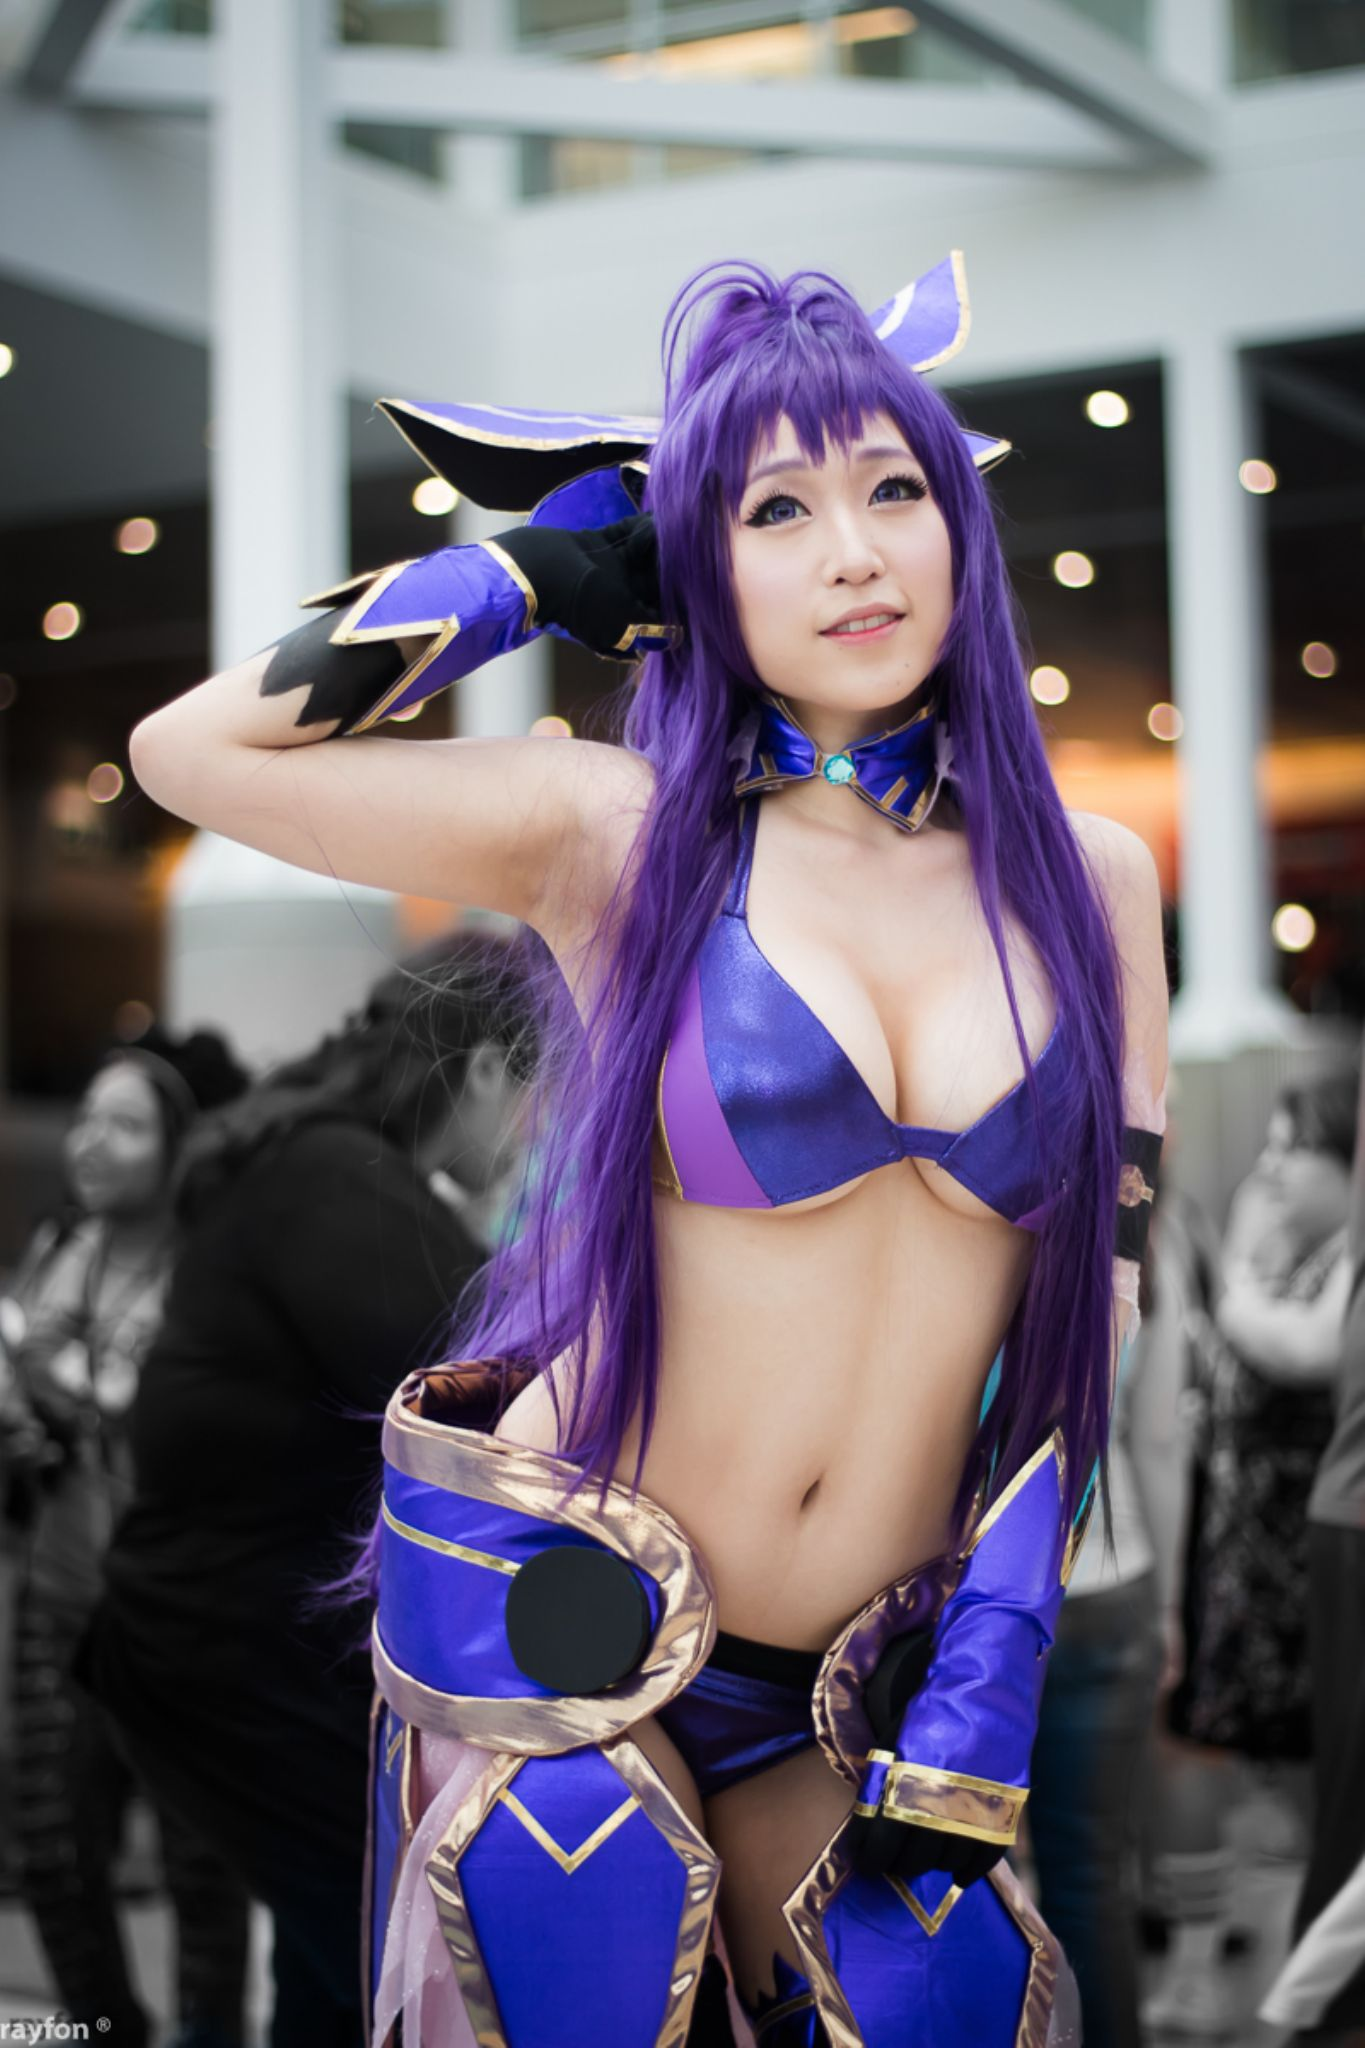 Cosplay at Anime Expo 2014 by Rainiero Barra